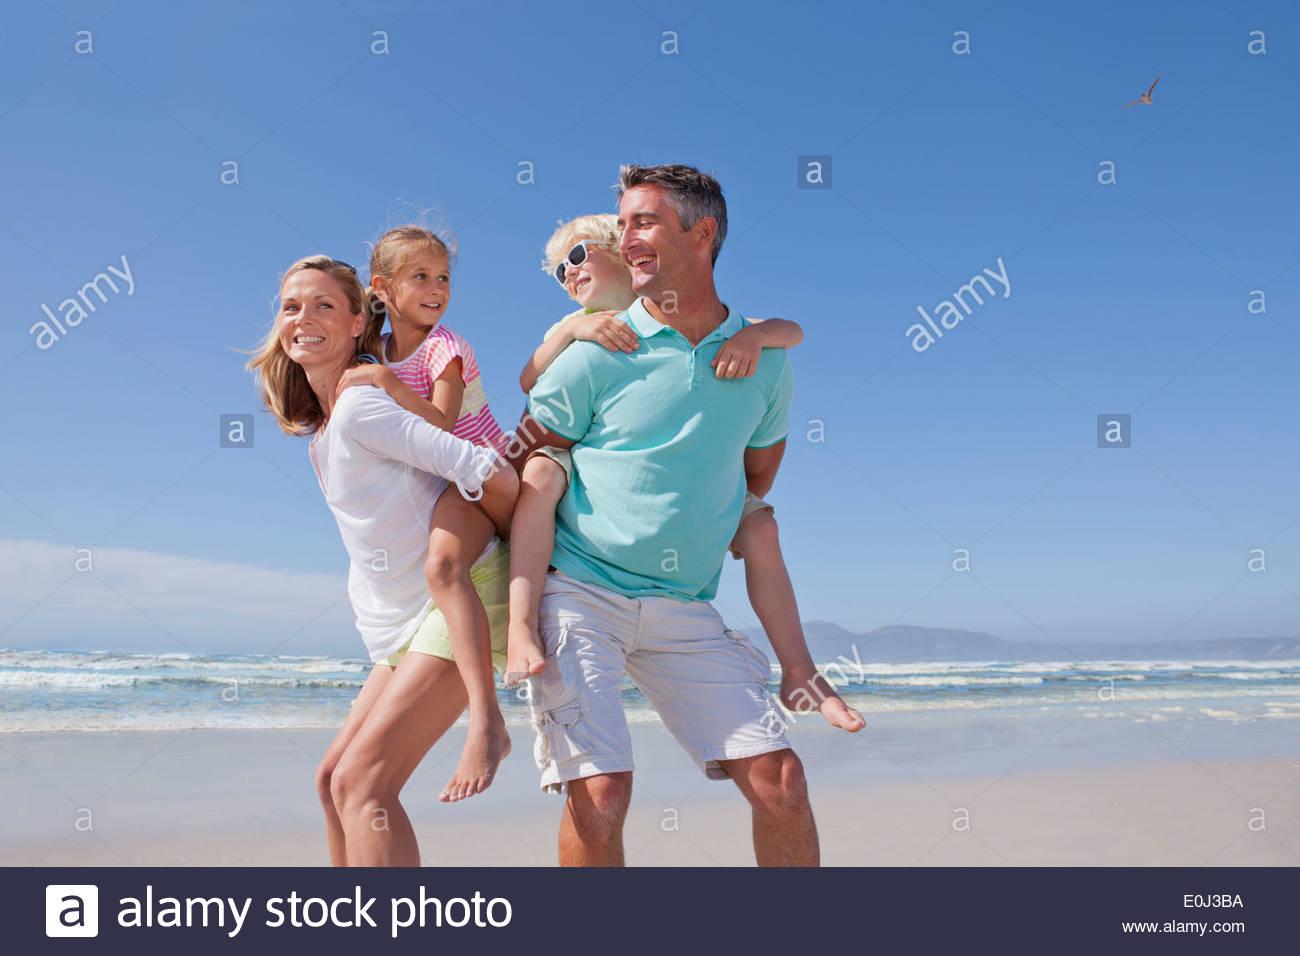 Piggybacking i genitori dei bambini sulla spiaggia Sunny Beach Immagini Stock